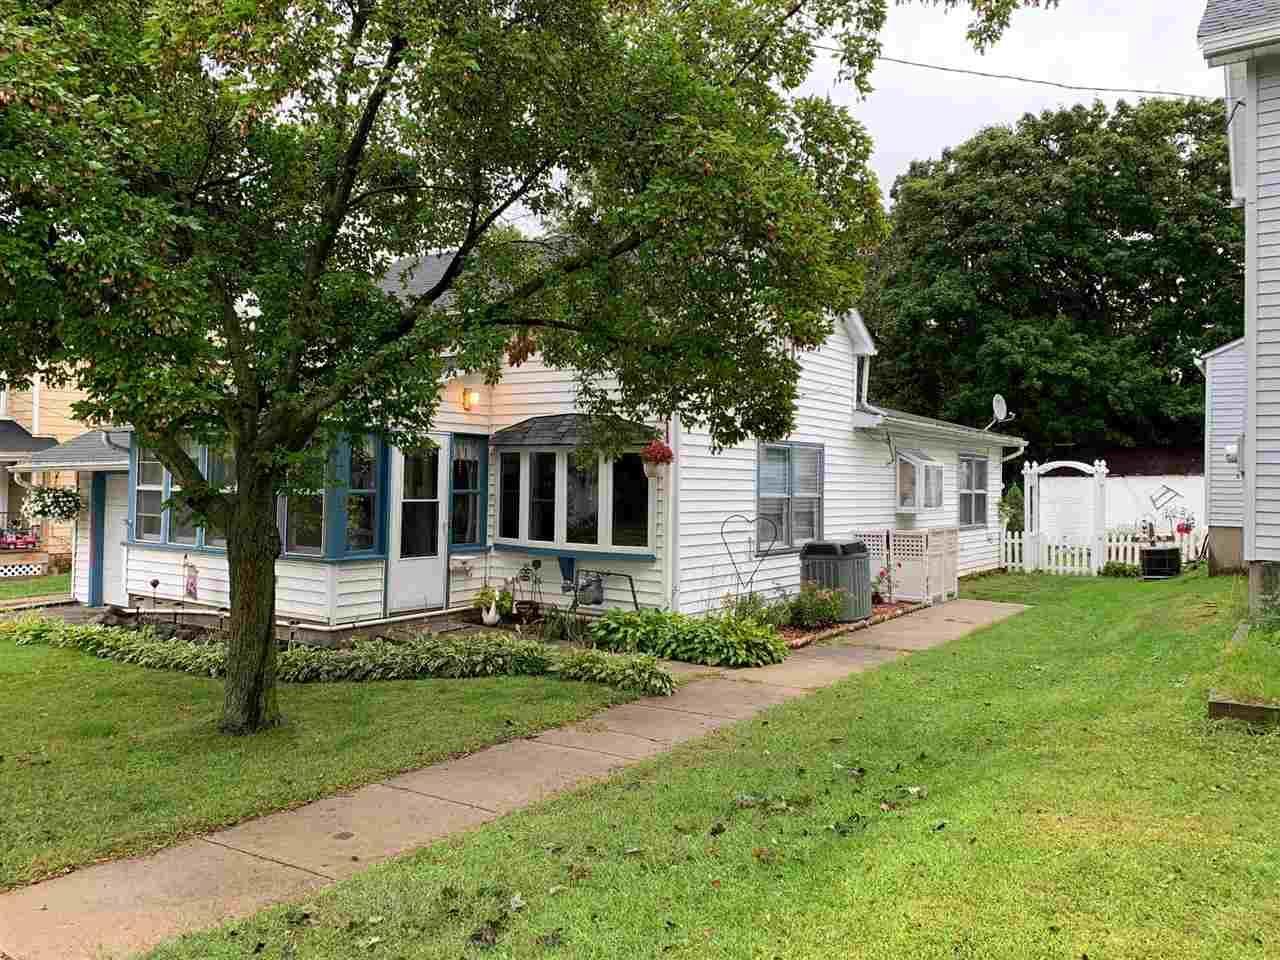 141 N George St, Whitewater, WI 53190-1324 - #: 1893095